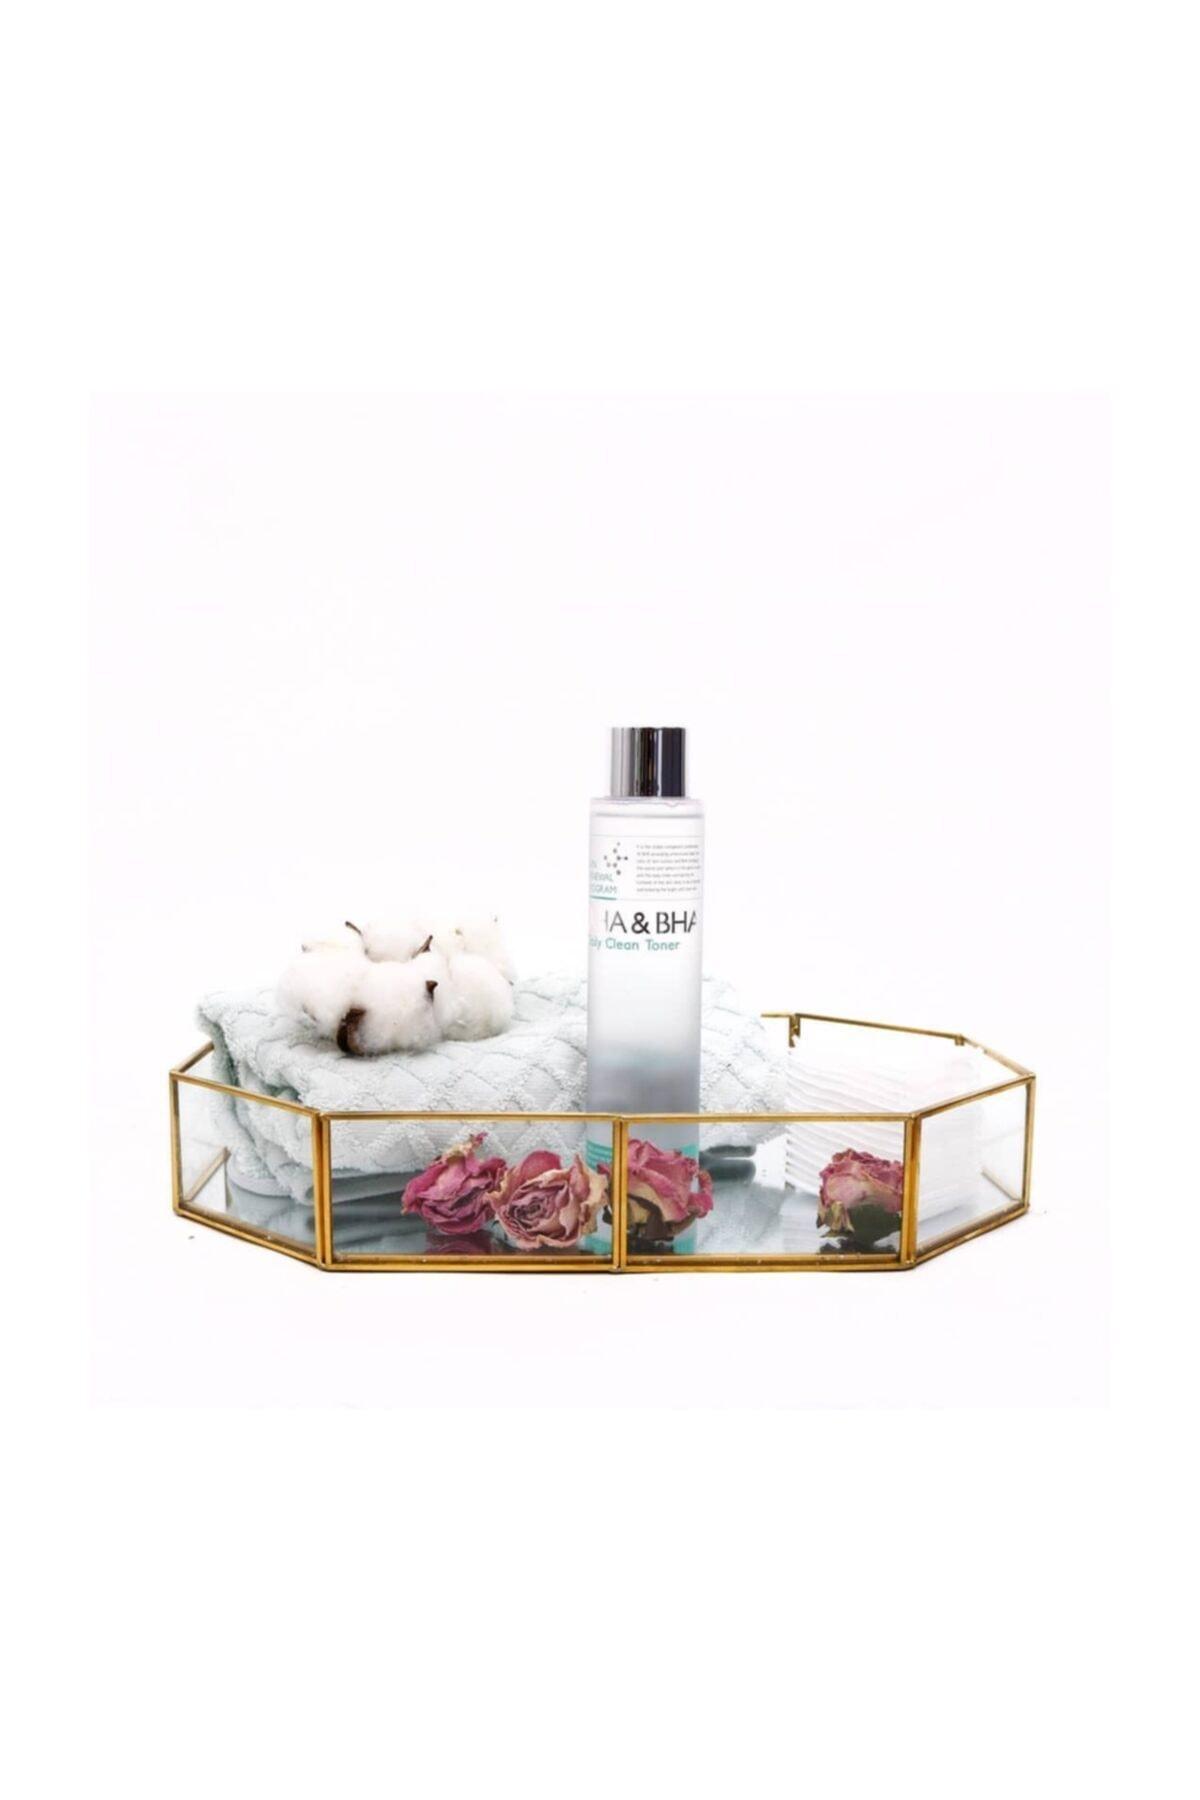 Mizon Aha & Bha Daily Clean Toner - Aha & Bha Günlük Premium Temizleyici Tonik 2